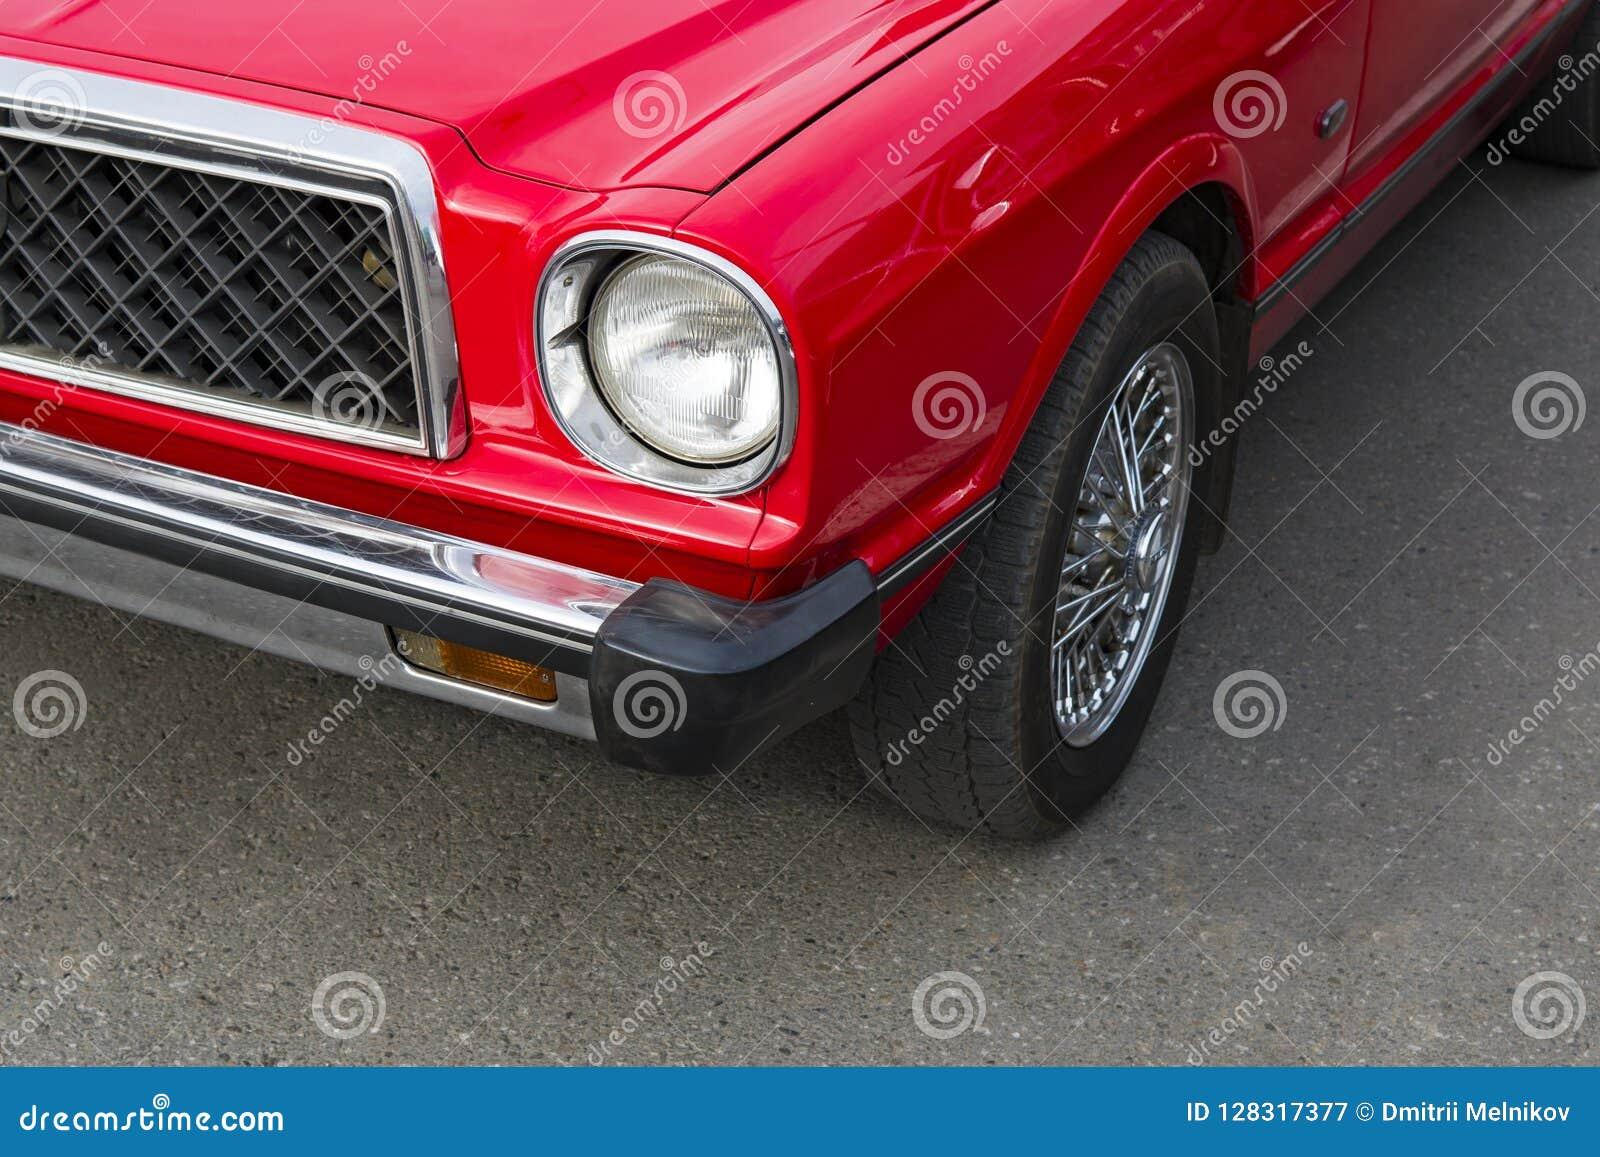 Un coche pulido renovado vintage parqueado Amantes retros del coche Restauración de coches soviéticos clásicos Alquiler de coches